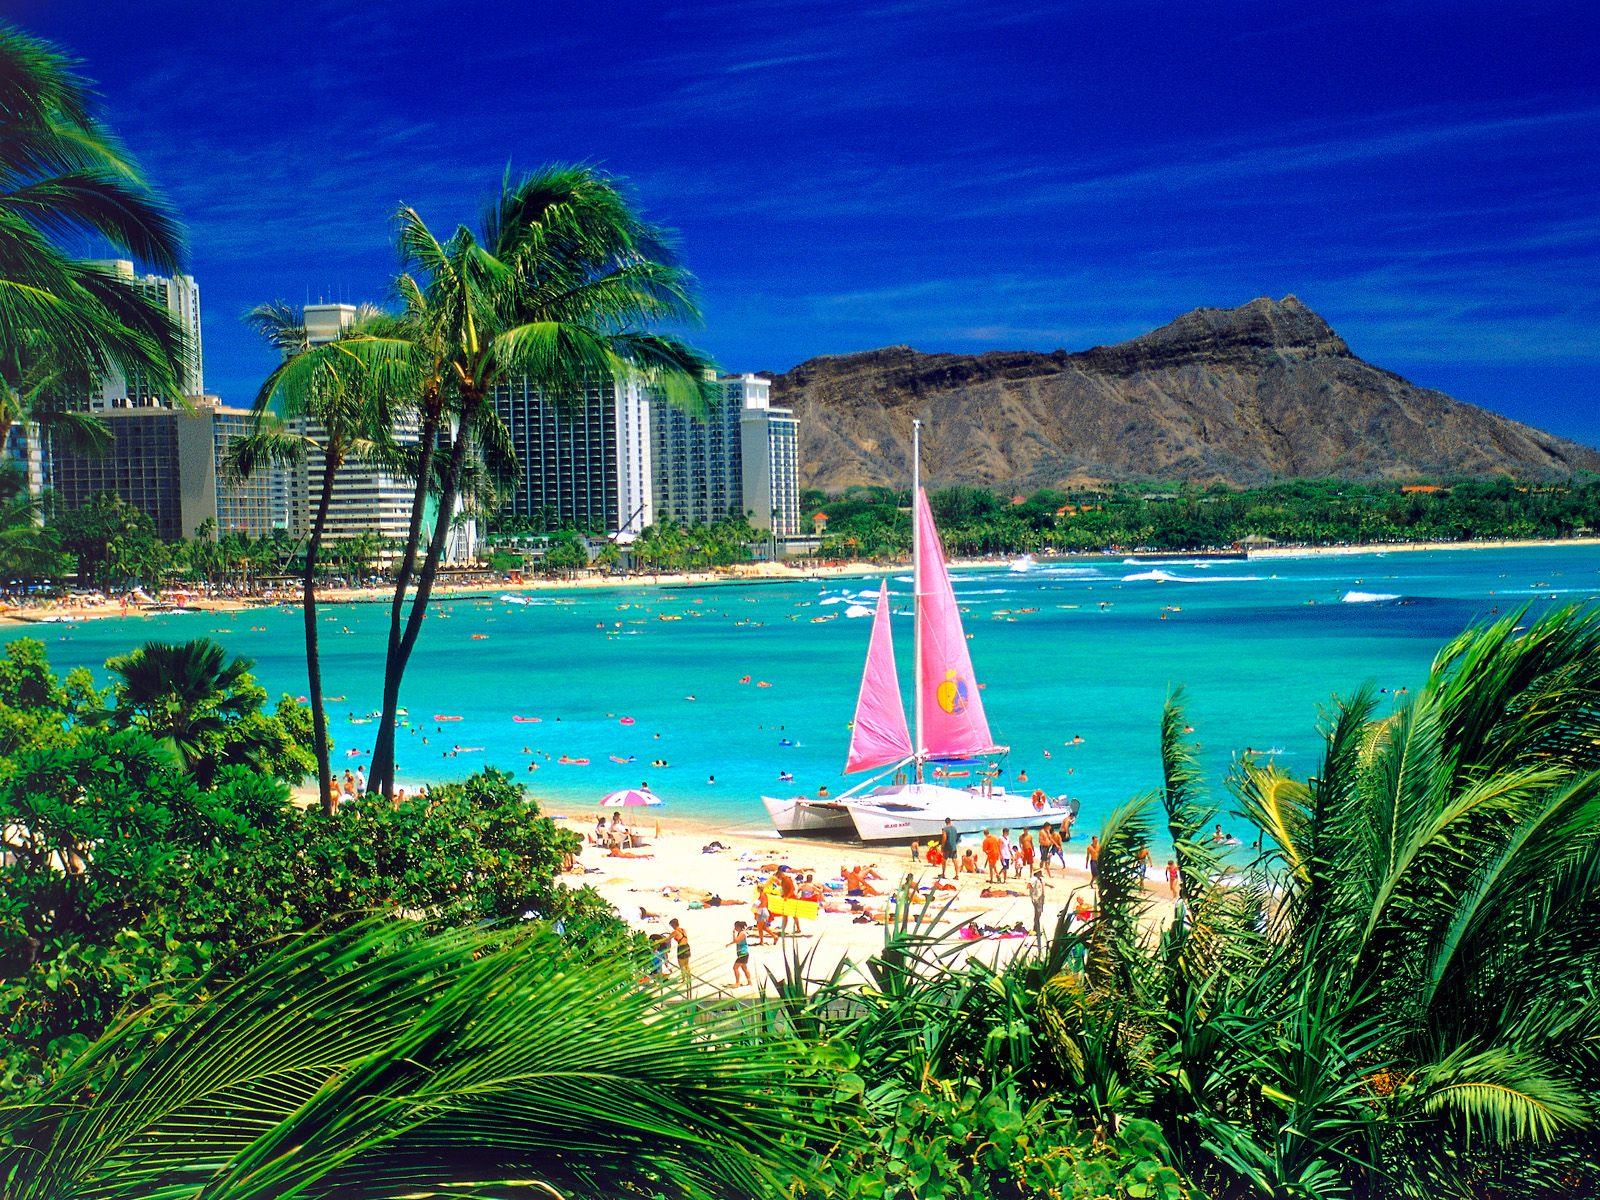 Heading to Hawaii